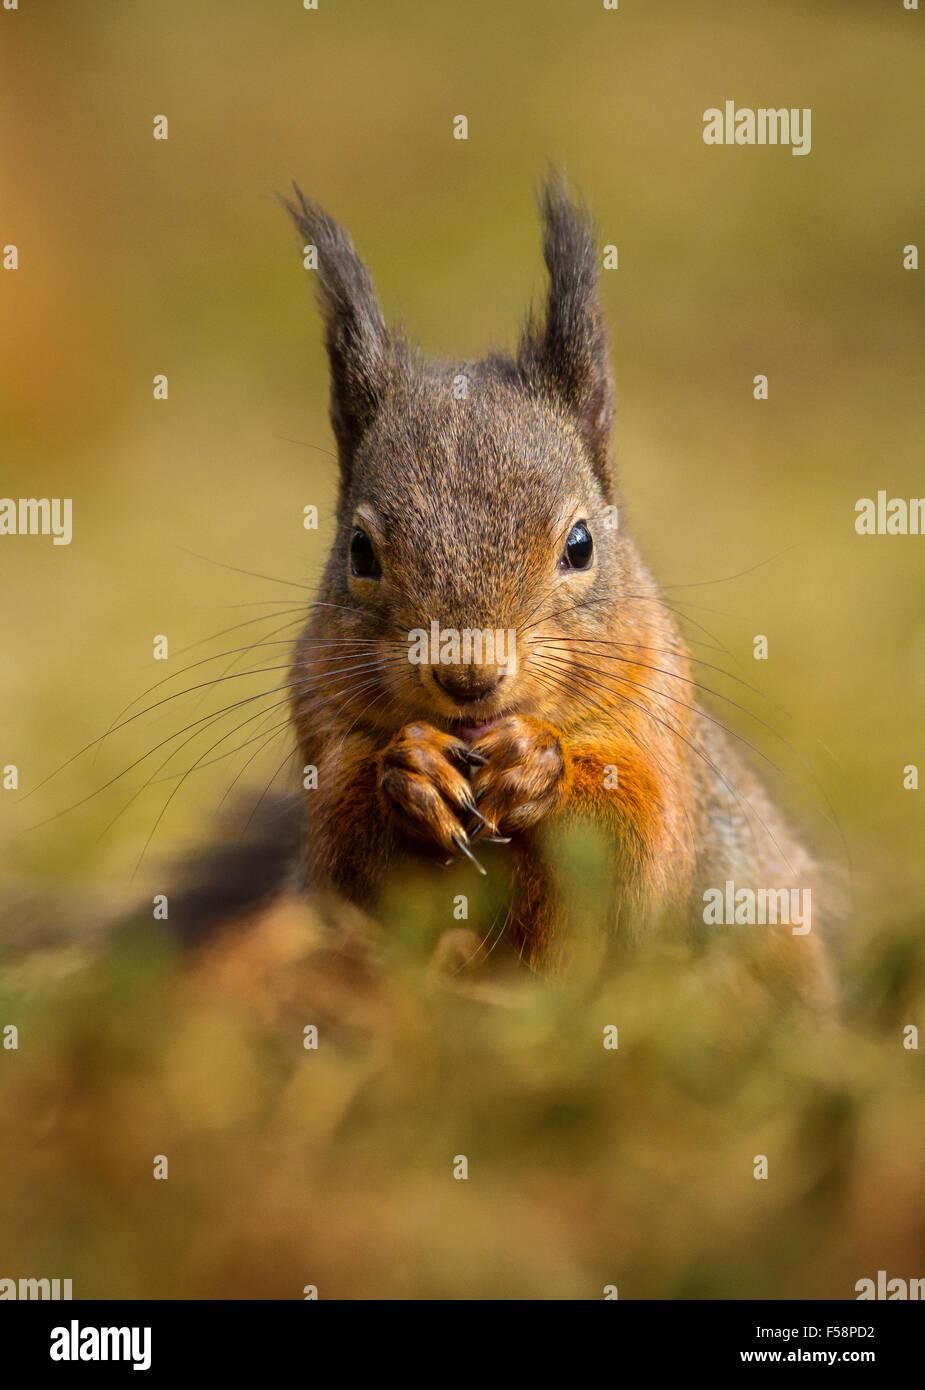 Terreno plano de una ardilla roja sentada con orejas tufted en otoño en Escocia Imagen De Stock